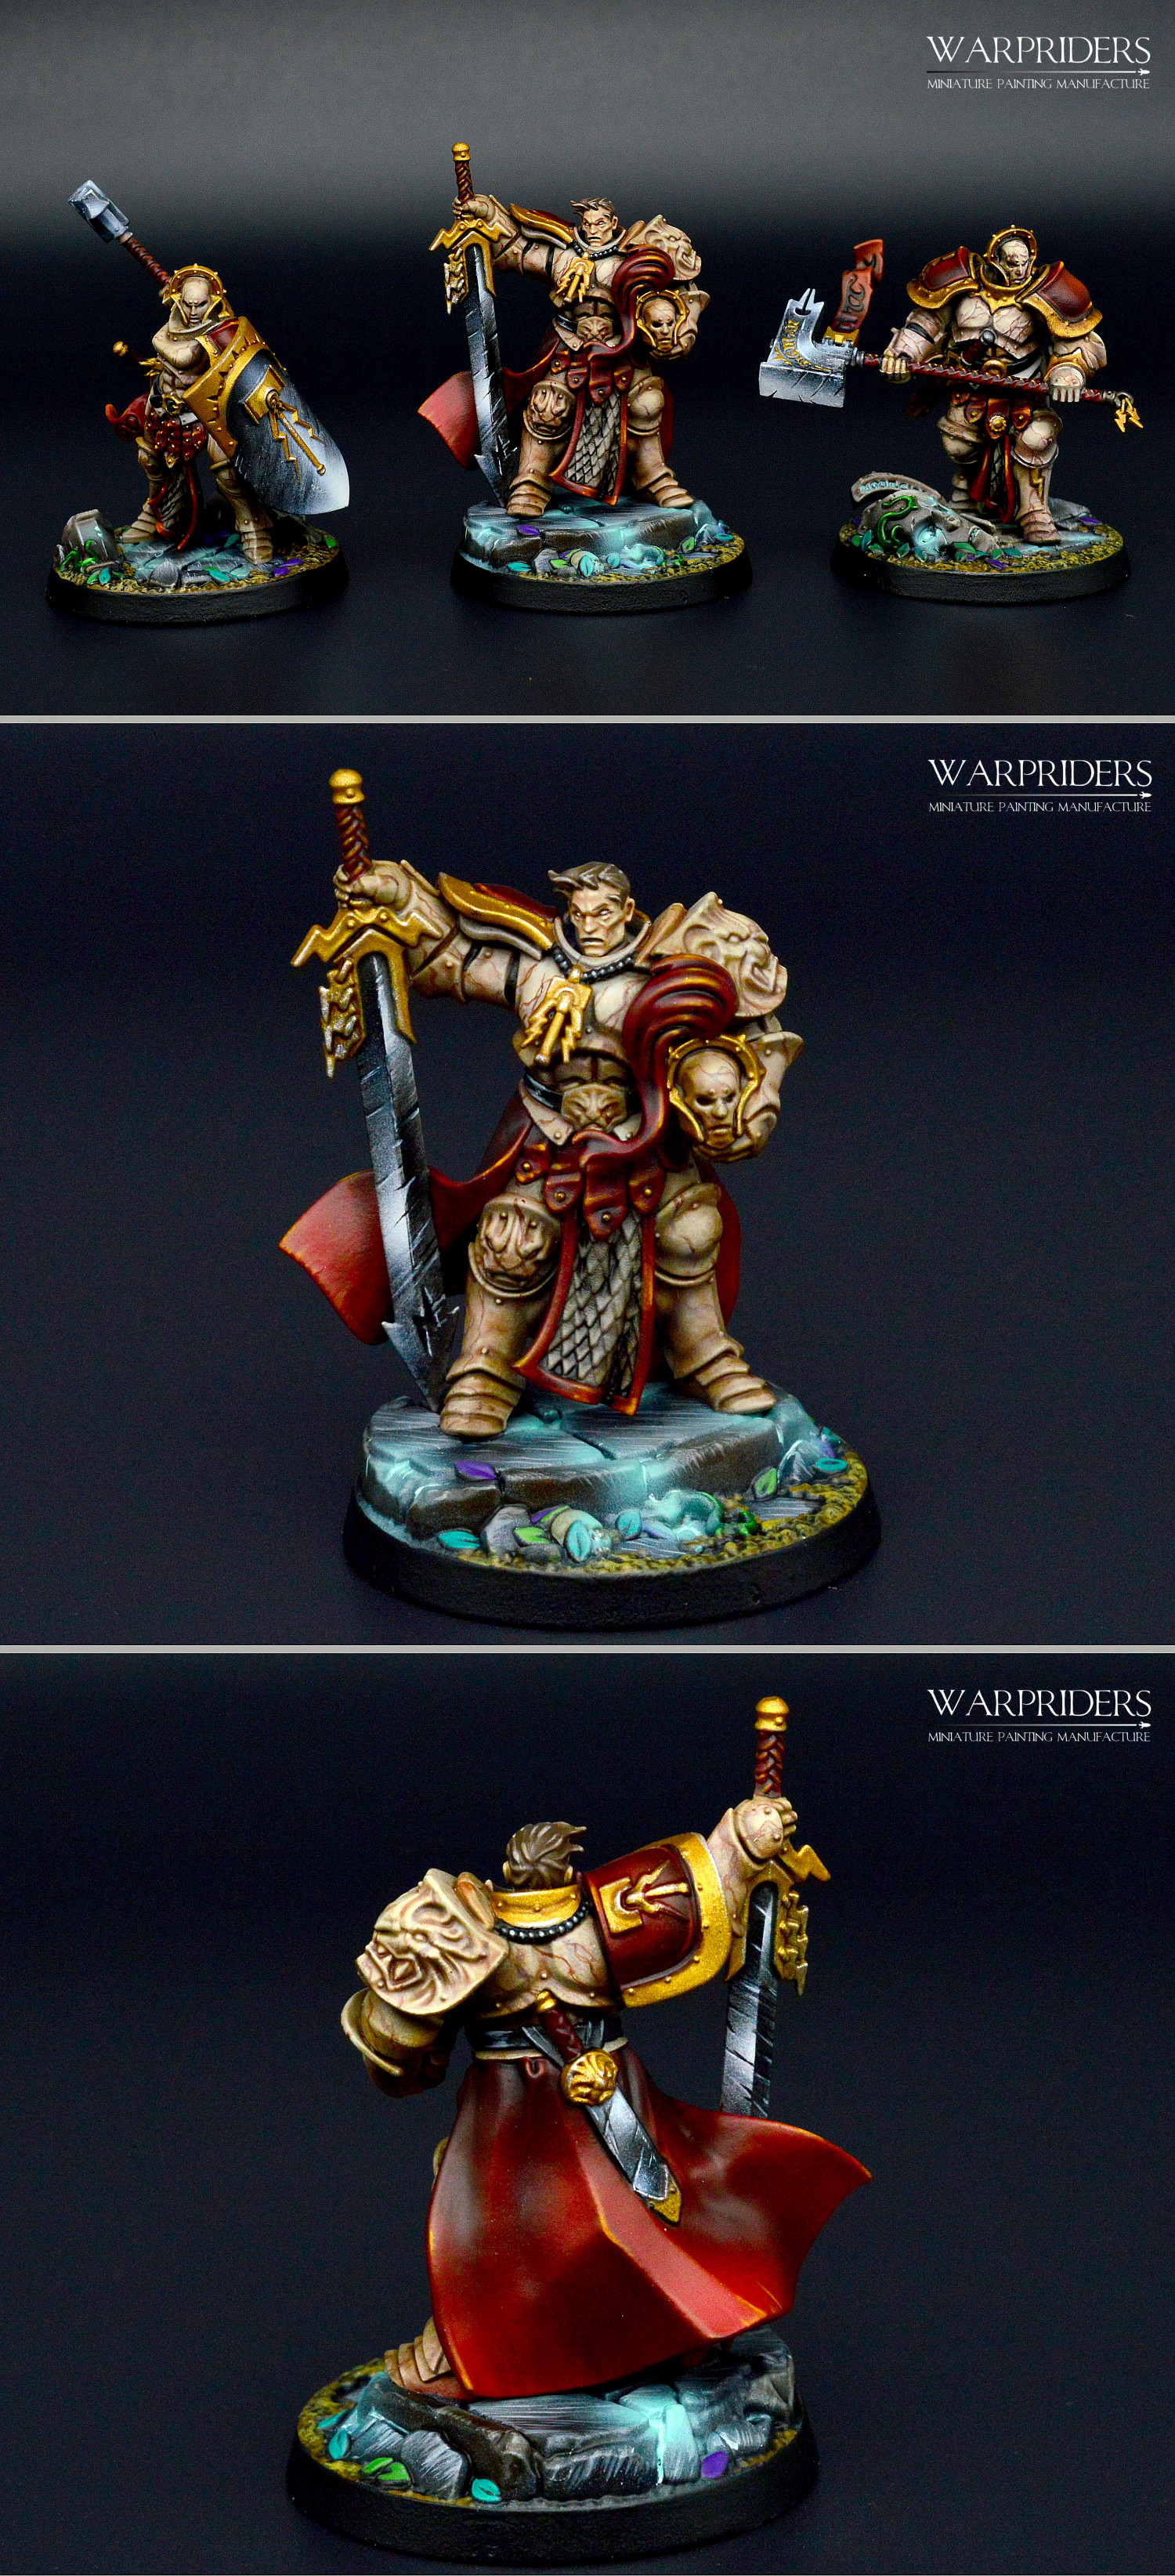 Warhammer Shadespire Liberators